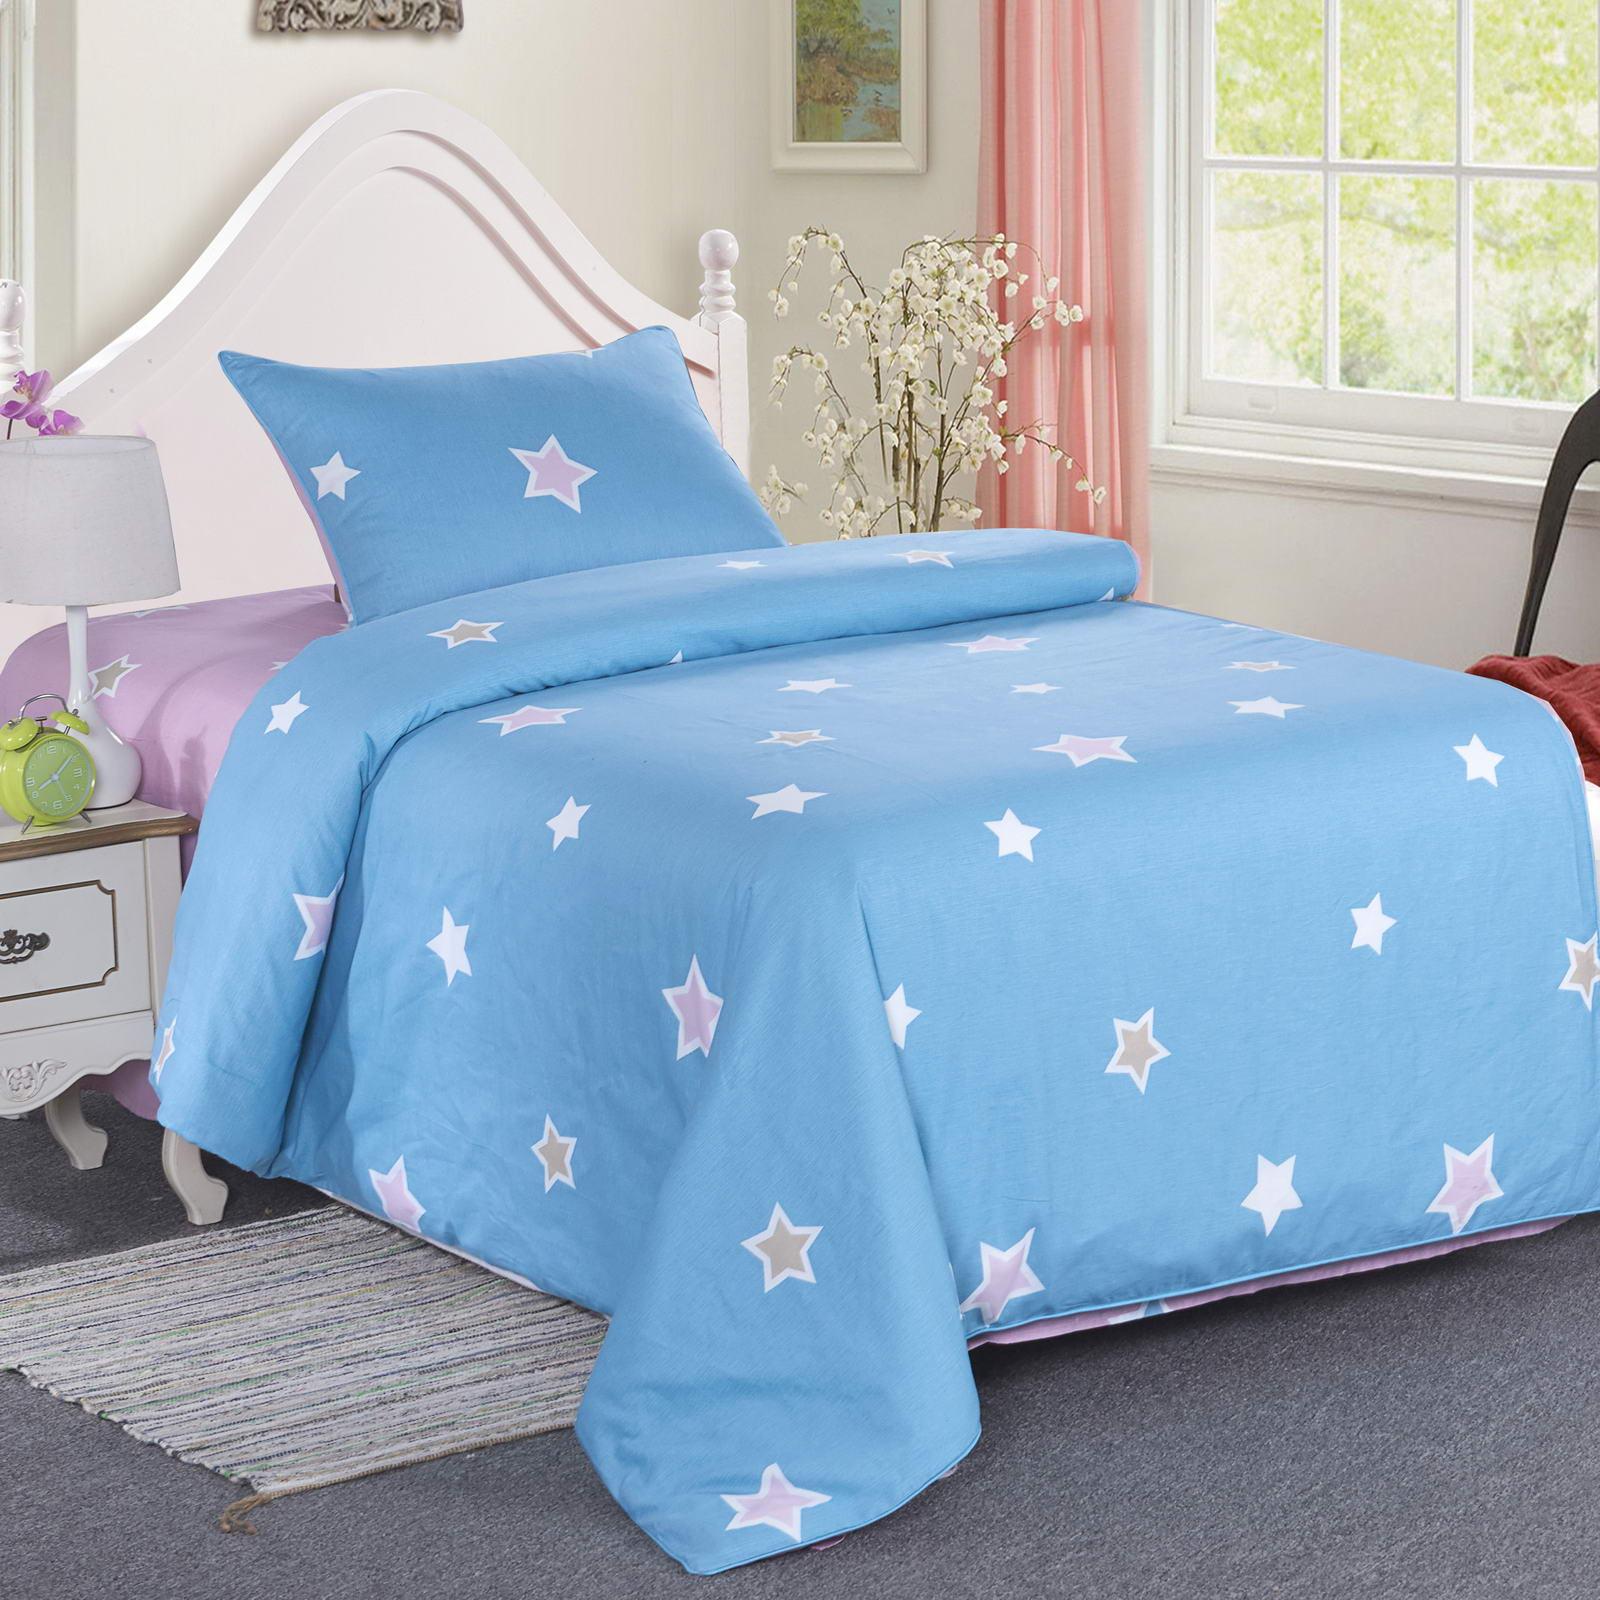 Купить Комплект детского постельного белья Звездочки, цвет голубой, Sofi dе Marko,